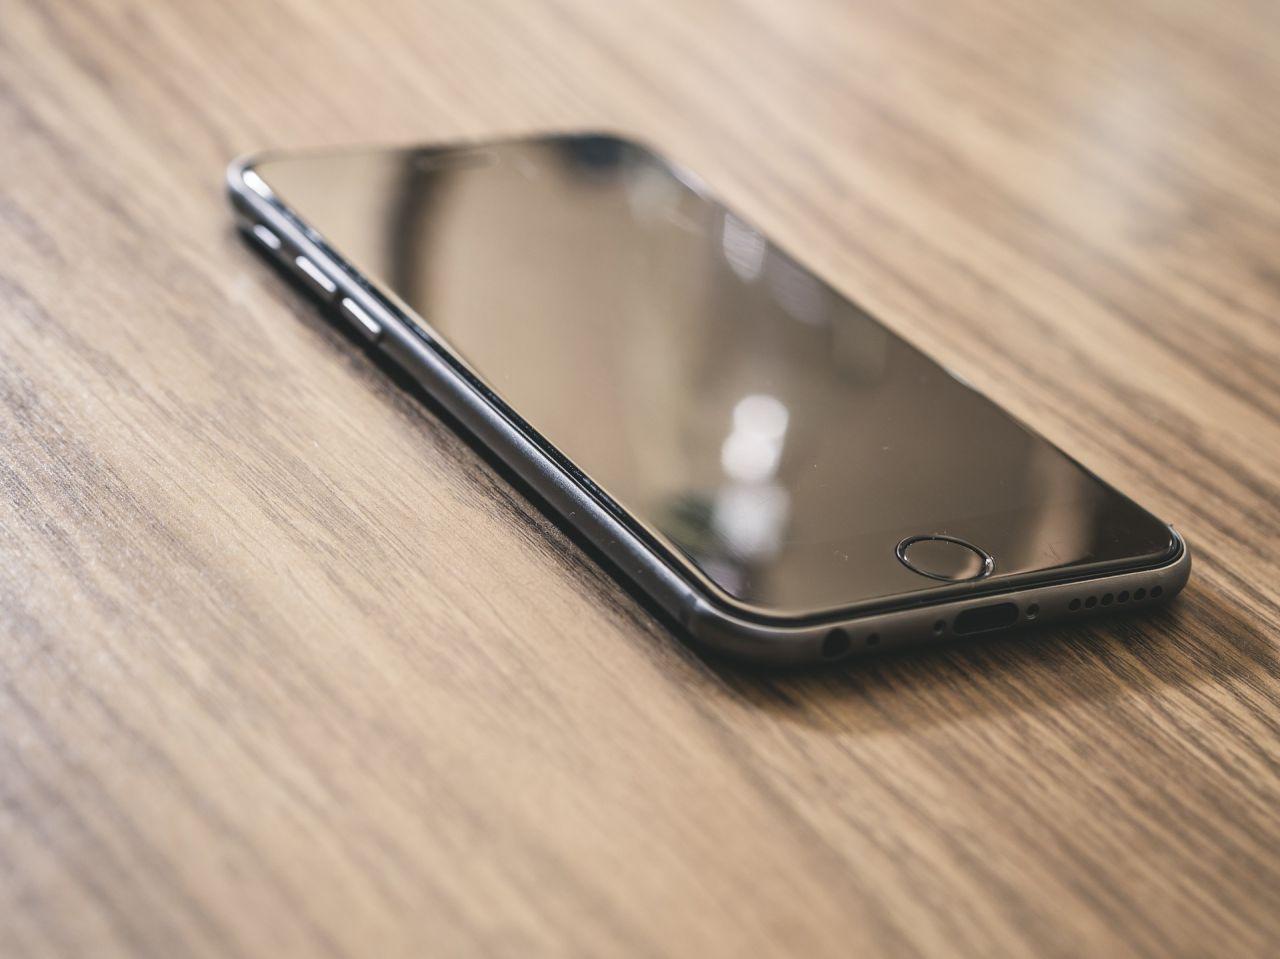 Apple'da yeni modellerle birlikte şarj girişleri değişecek - Page 1